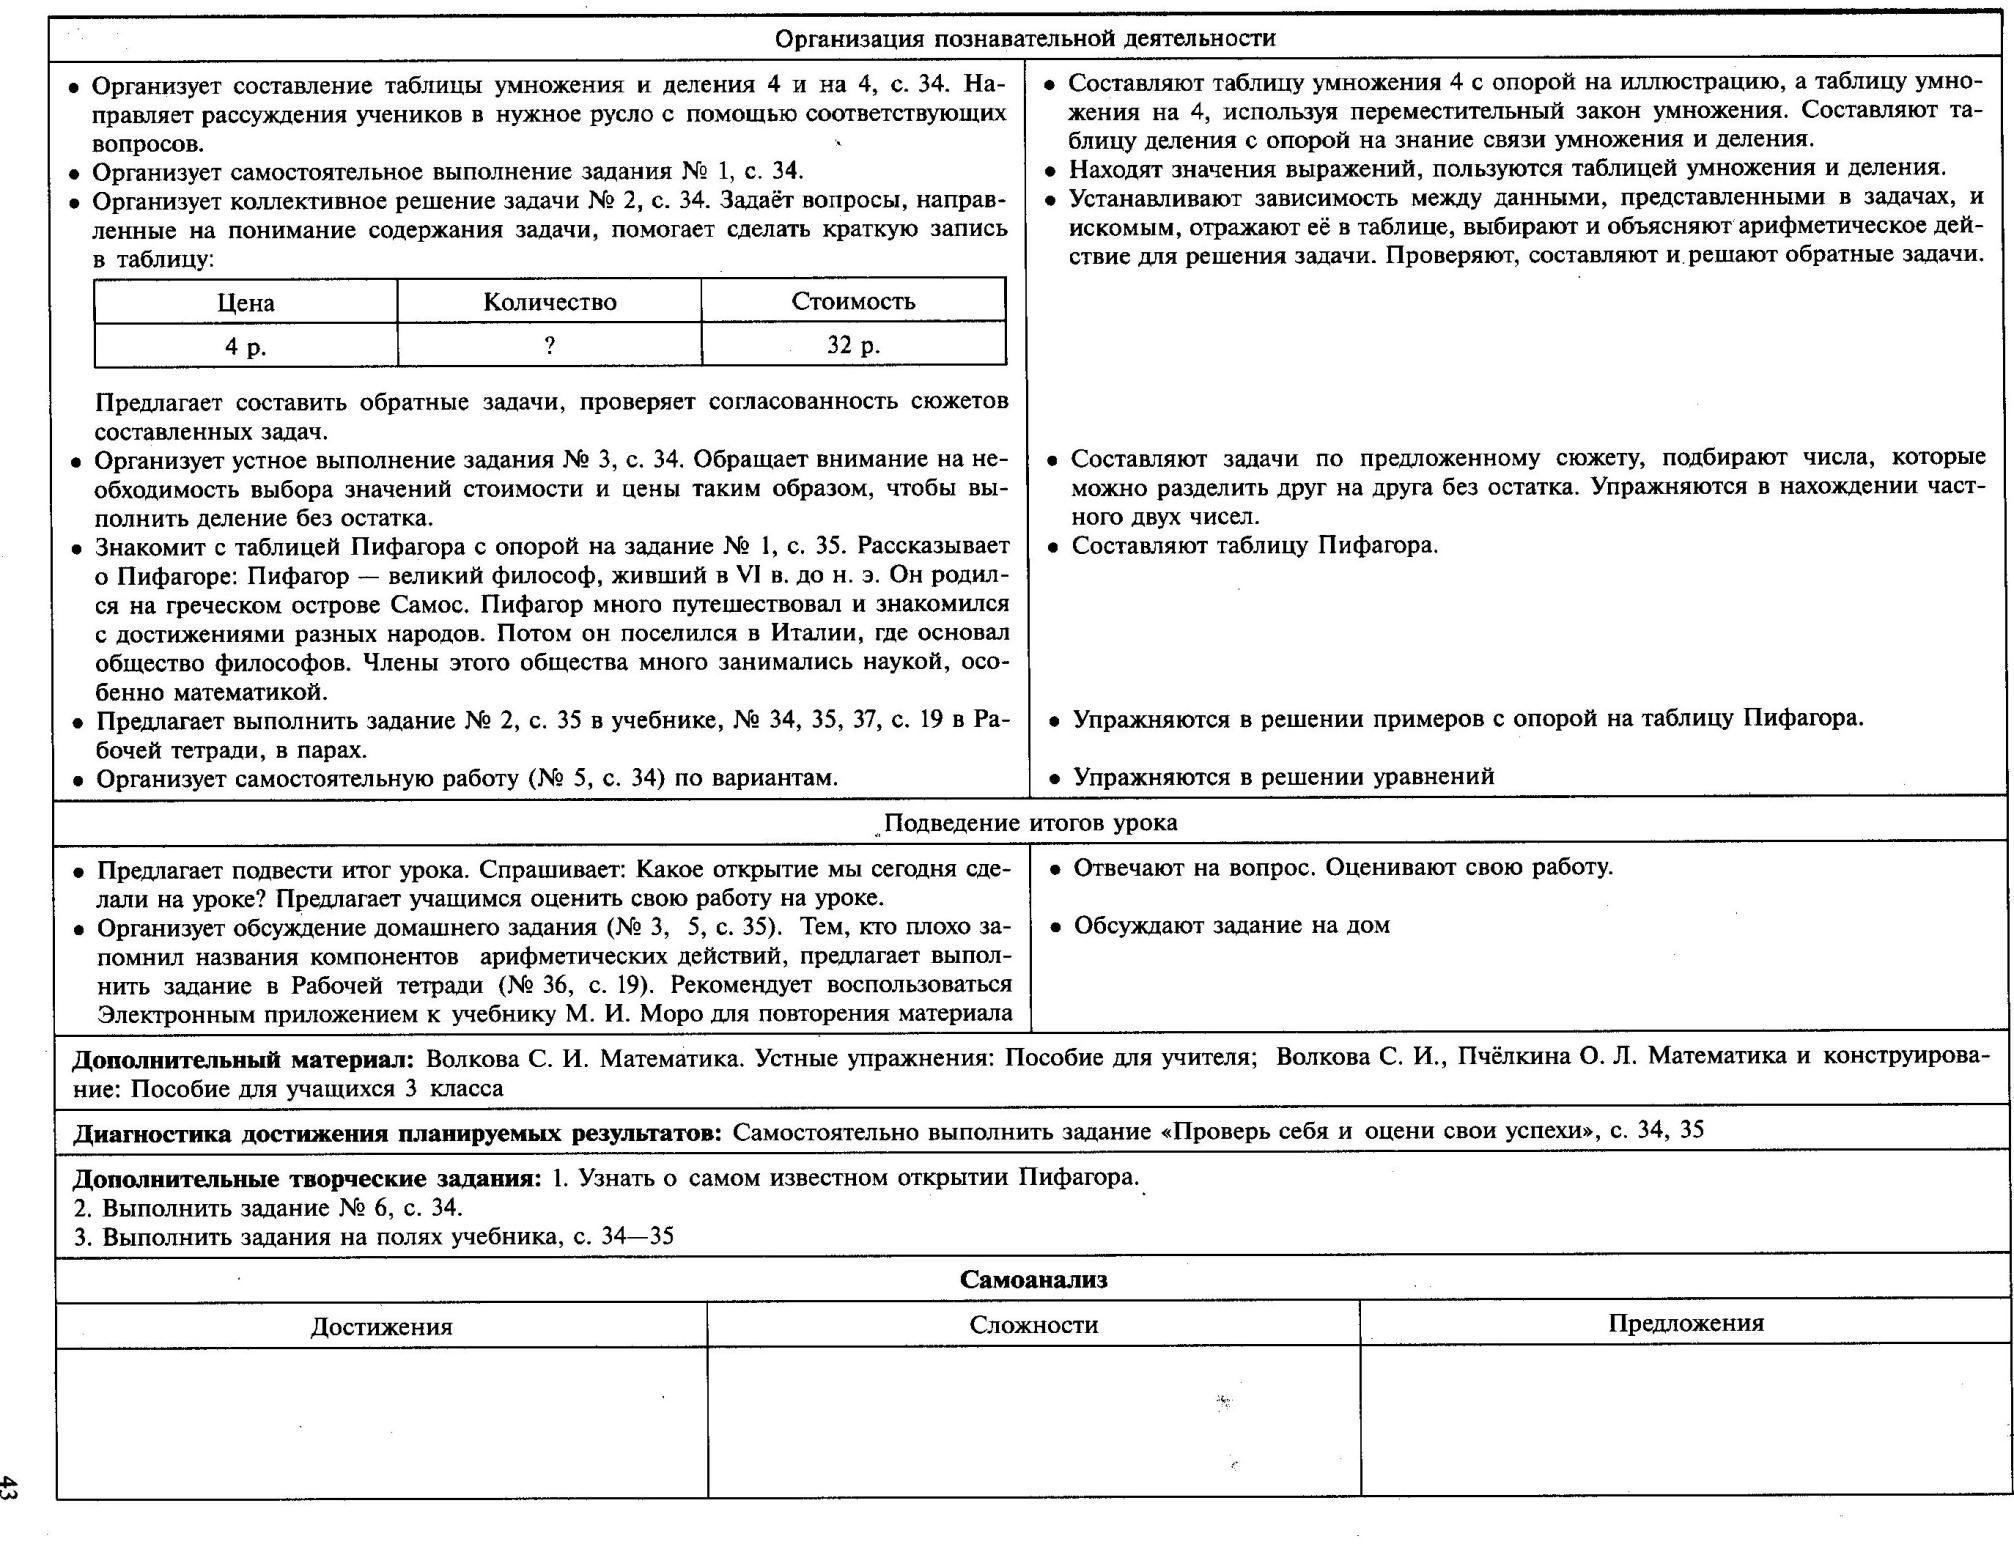 C:\Documents and Settings\Admin\Мои документы\Мои рисунки\1282.jpg